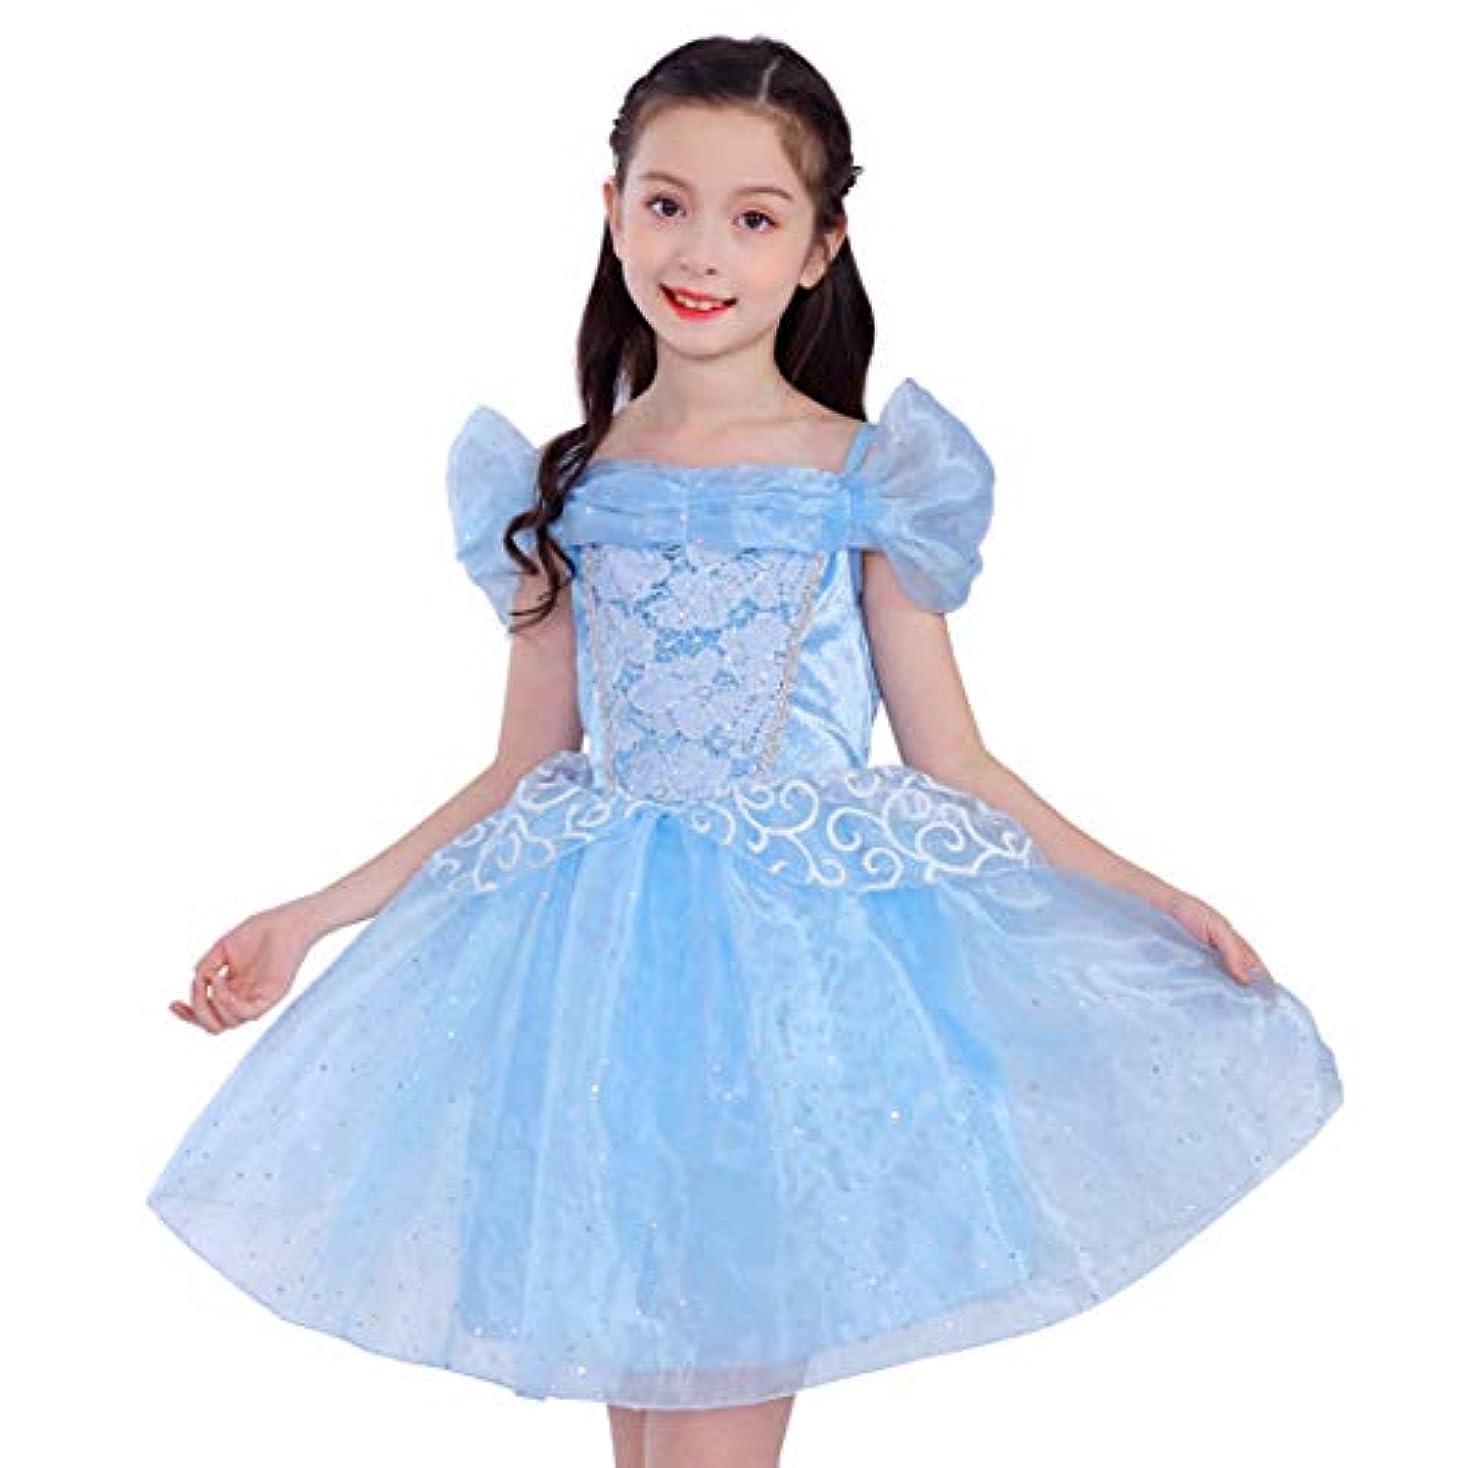 備品樹皮目指すDressy Daisy 幼児 女の子 プリンセス ベルシンデレラ オーロラ ジャスミン ドレスアップコスチューム ファンシーパーティードレス